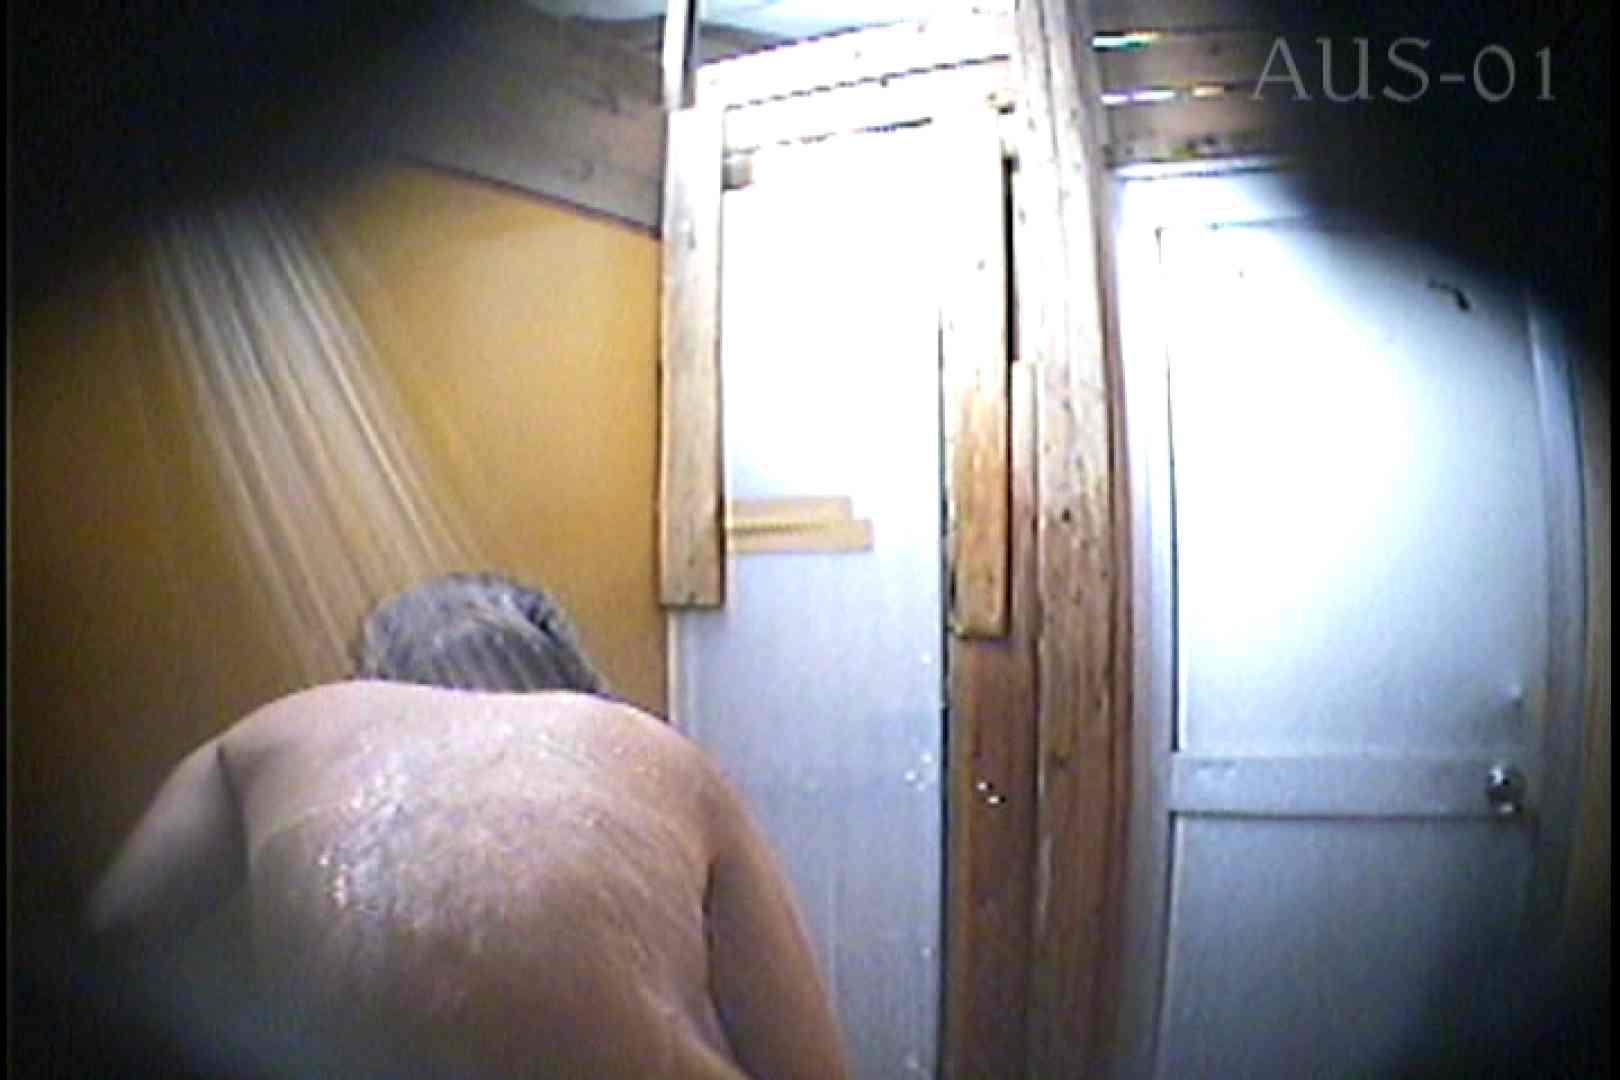 海の家の更衣室 Vol.01 美乳 エロ画像 104枚 36